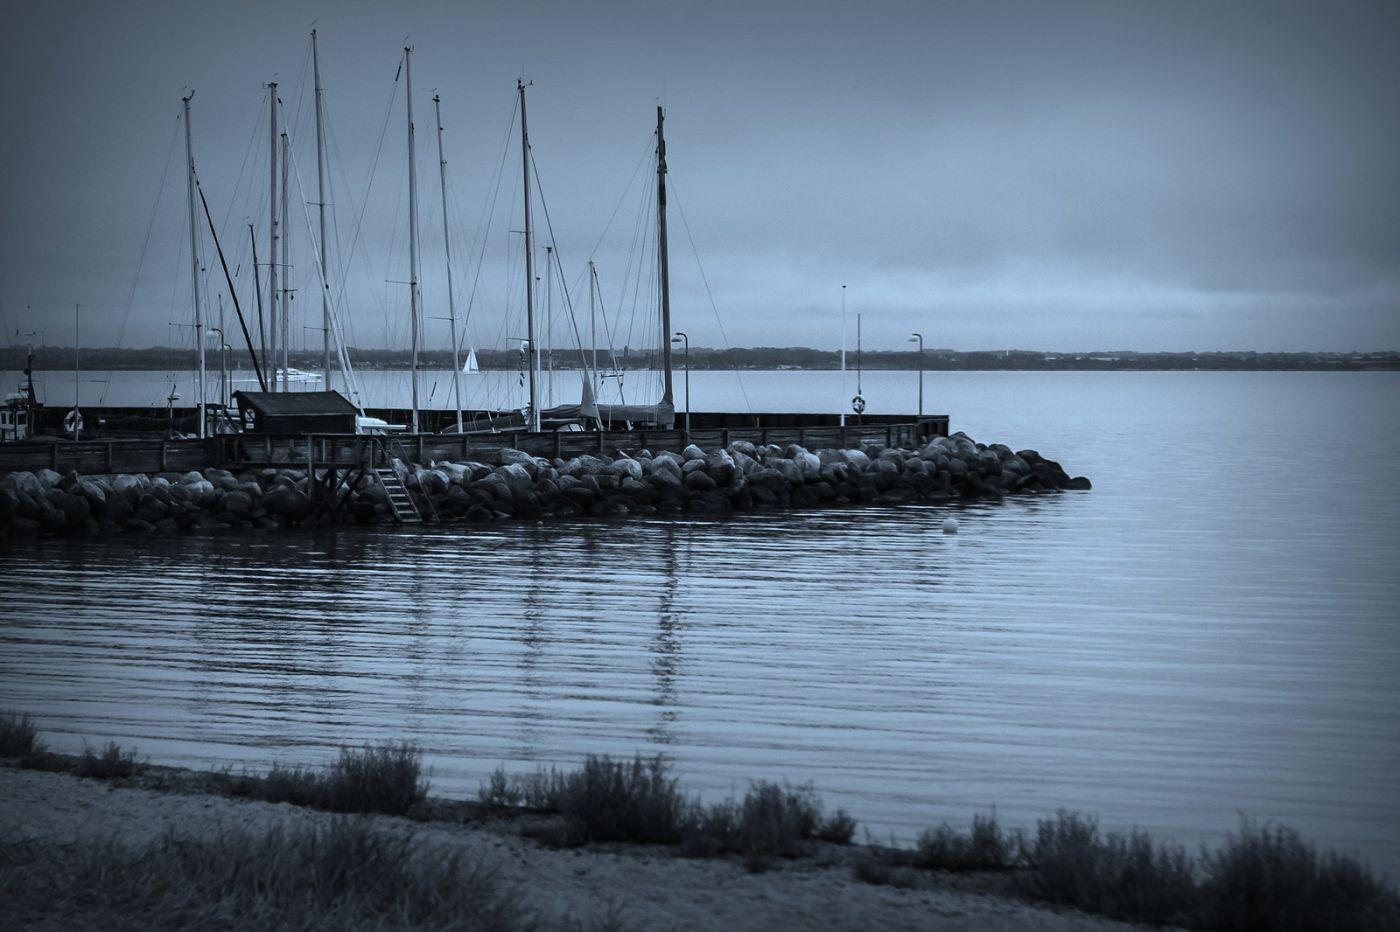 丹麦哥本哈根,坐船看市景_图1-29